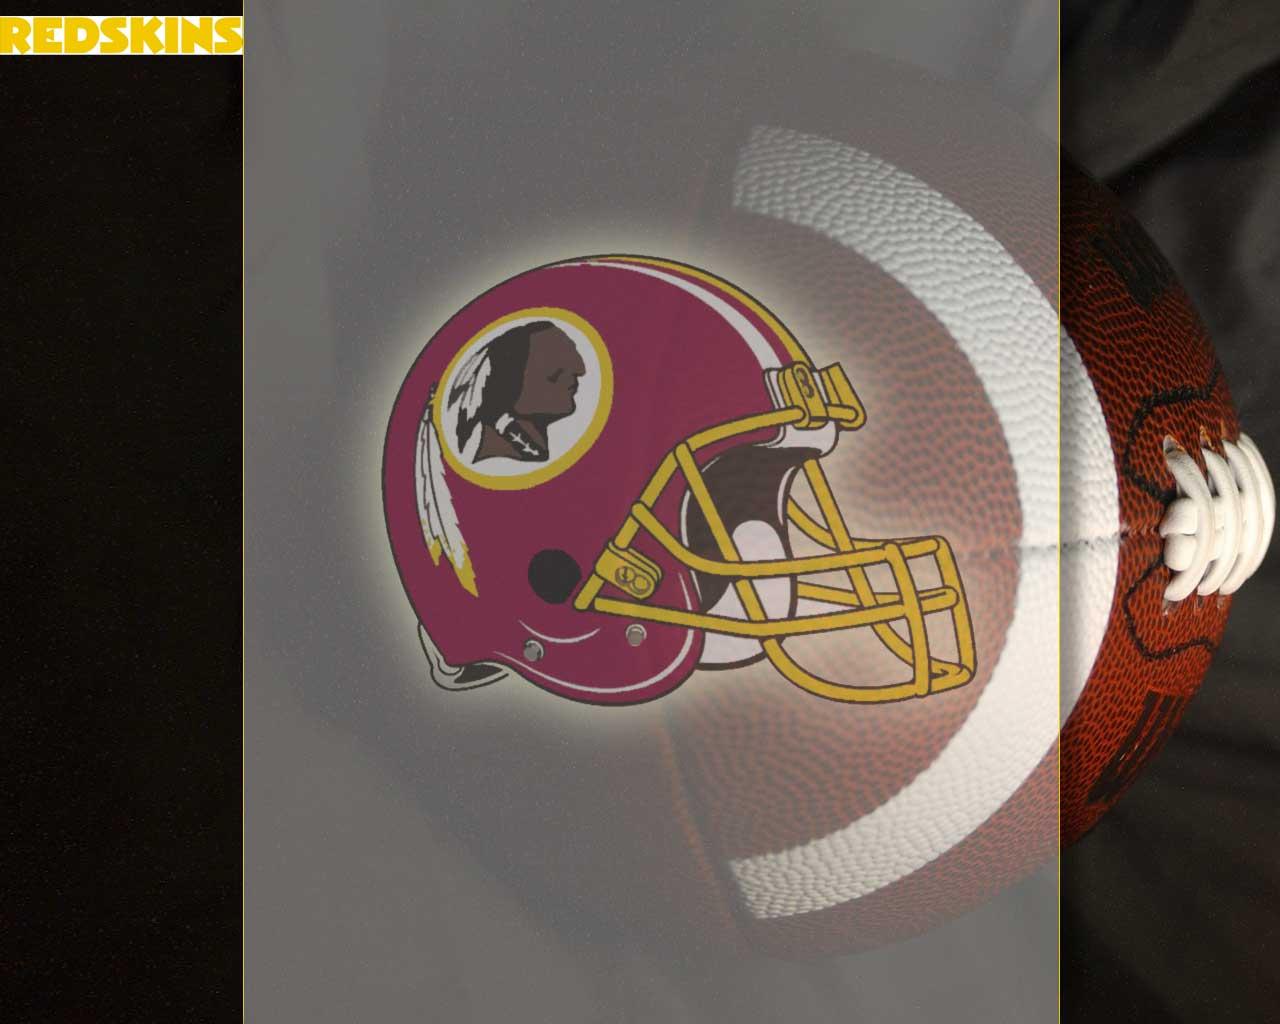 Washington Redskins desktop image Washington Redskins wallpapers 1280x1024